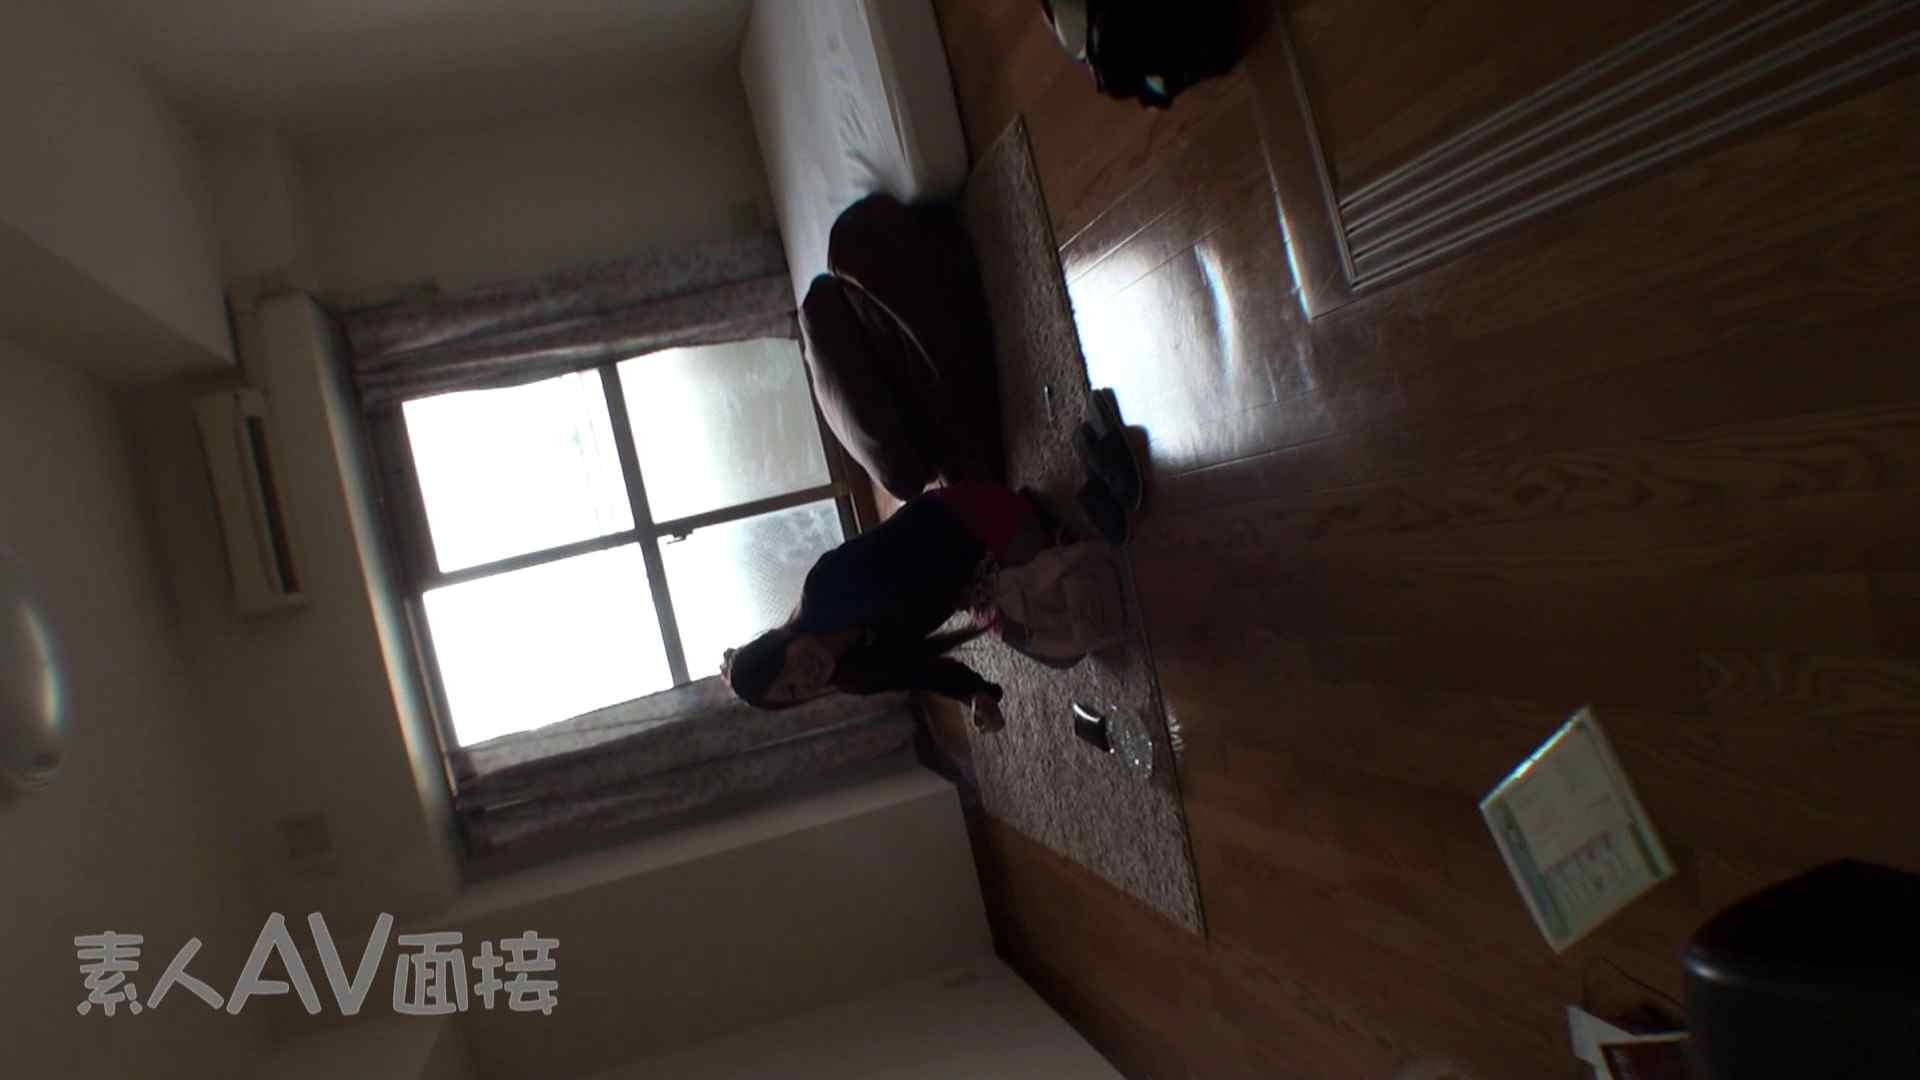 素人嬢がAV面接にやって来た。 仮名ななこvol.2 SEX AV無料動画キャプチャ 68pic 14